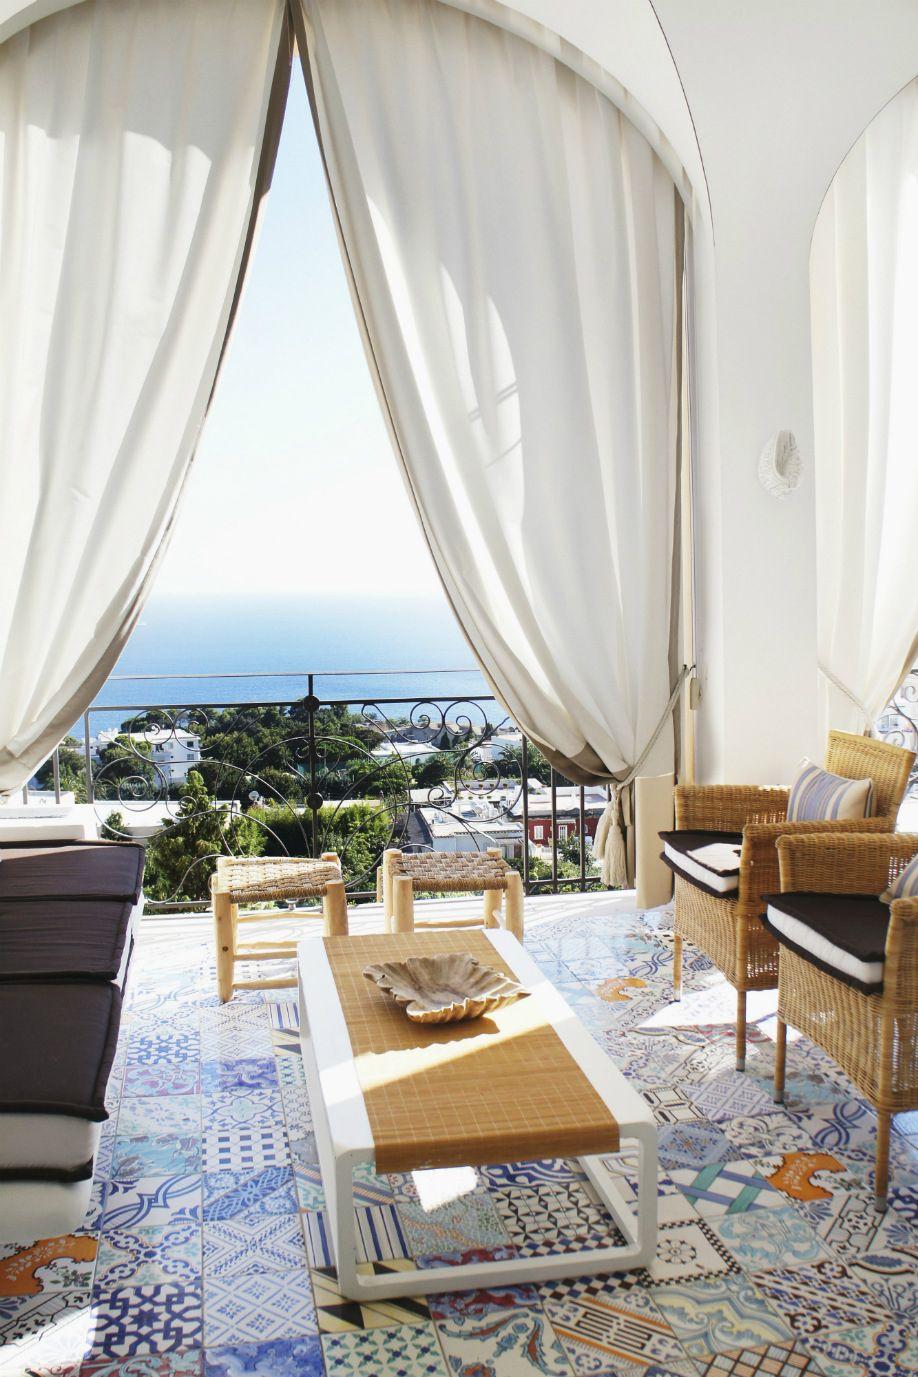 casa in stile mediterraneo pavimento a mosaico terrazza